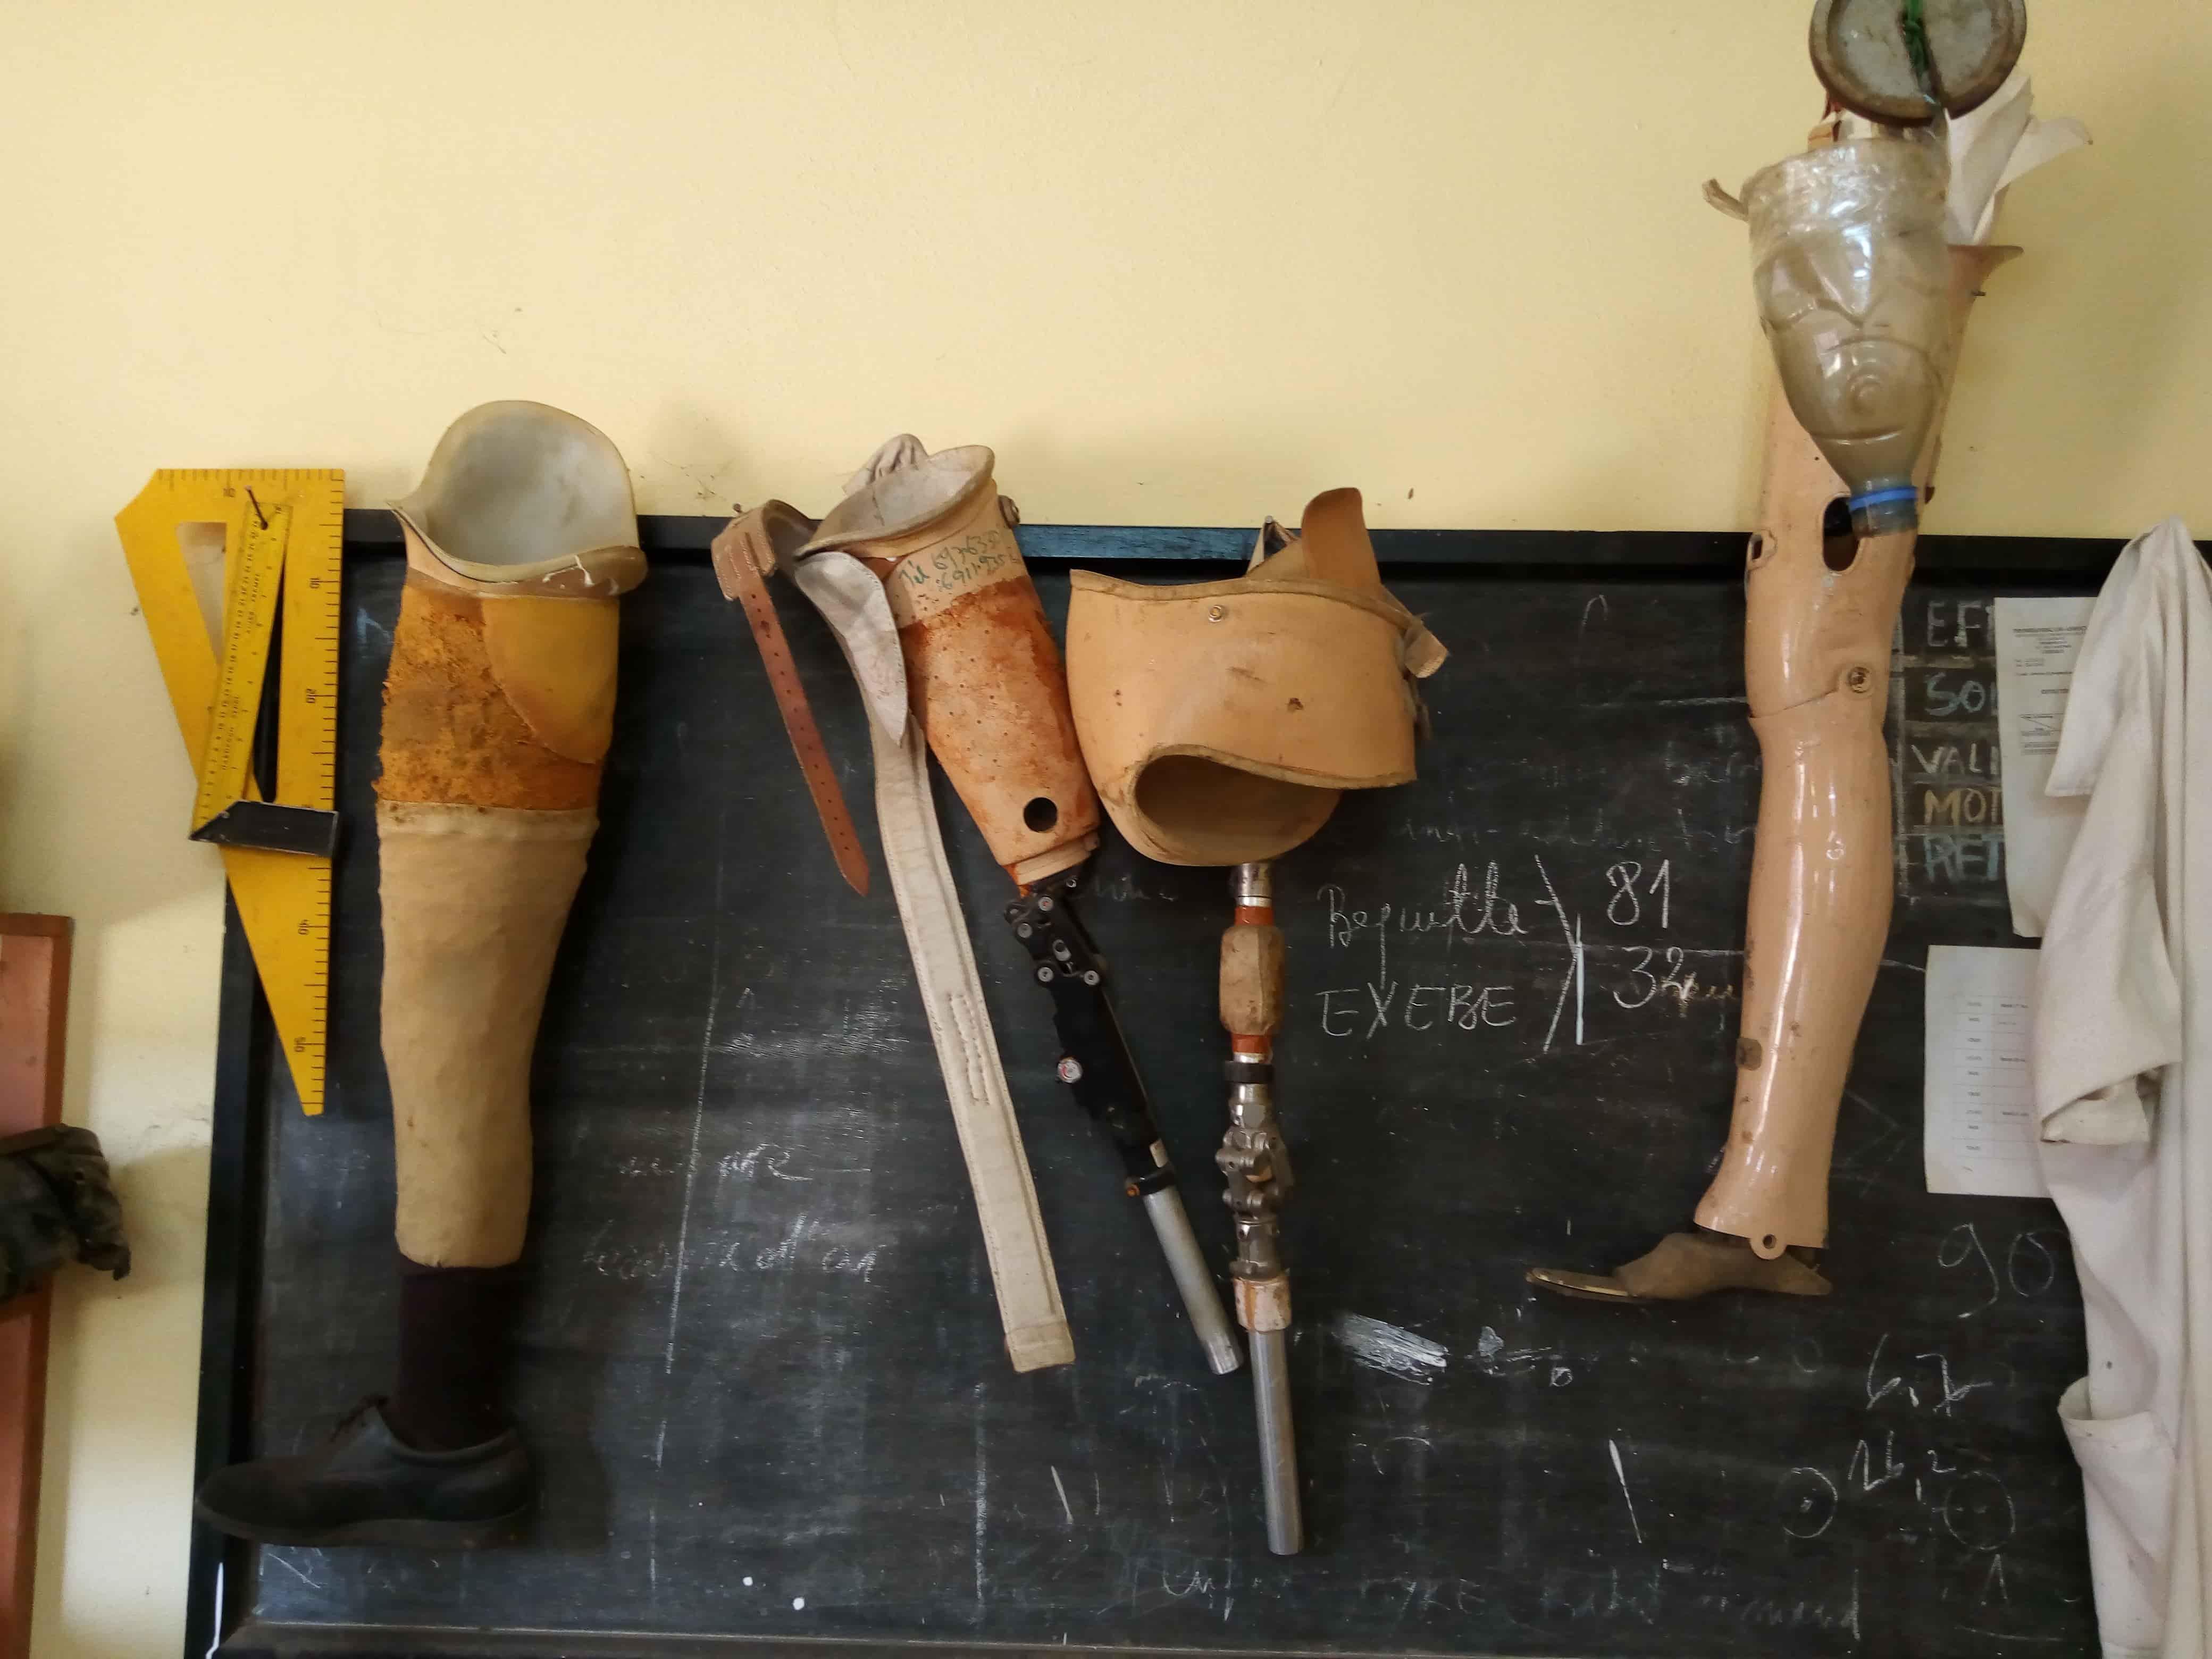 Un atelier d'appareillage orthopédique